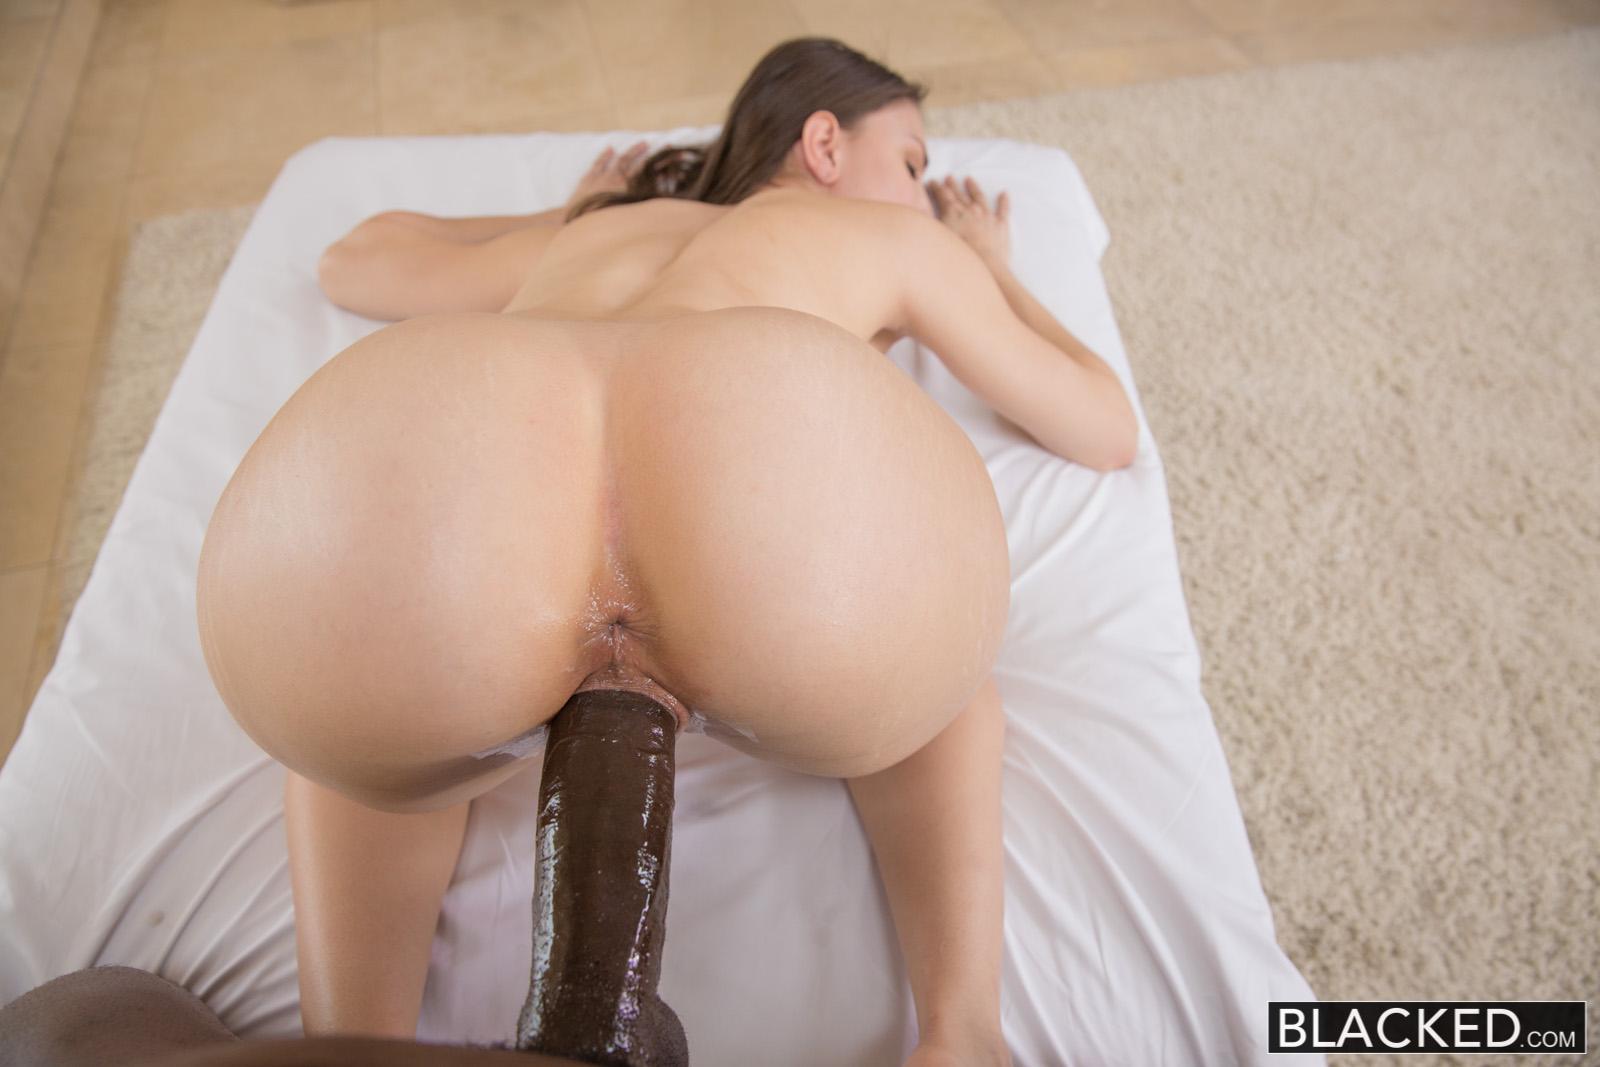 Latina Amateur Alexis Rodriguez Has An Unbelievable Ass